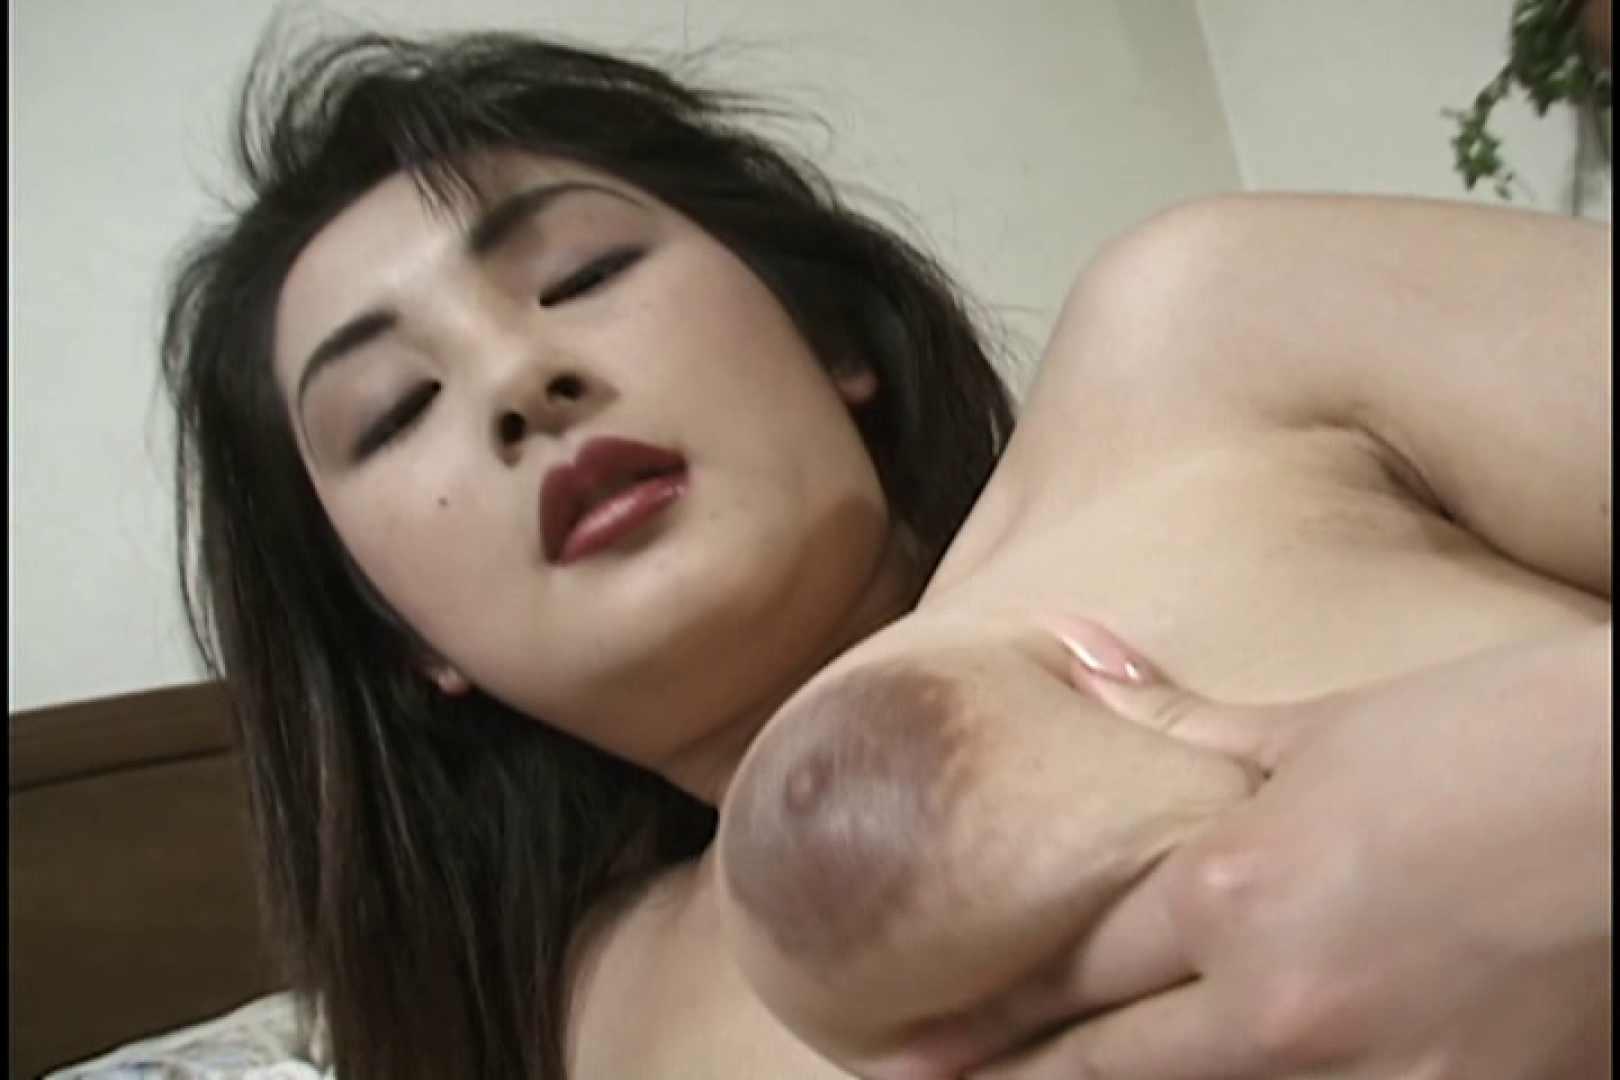 エロフェロモン全開の90センチ巨乳の淫乱人妻とSEX~篠崎麻美~ フェラ  81連発 36